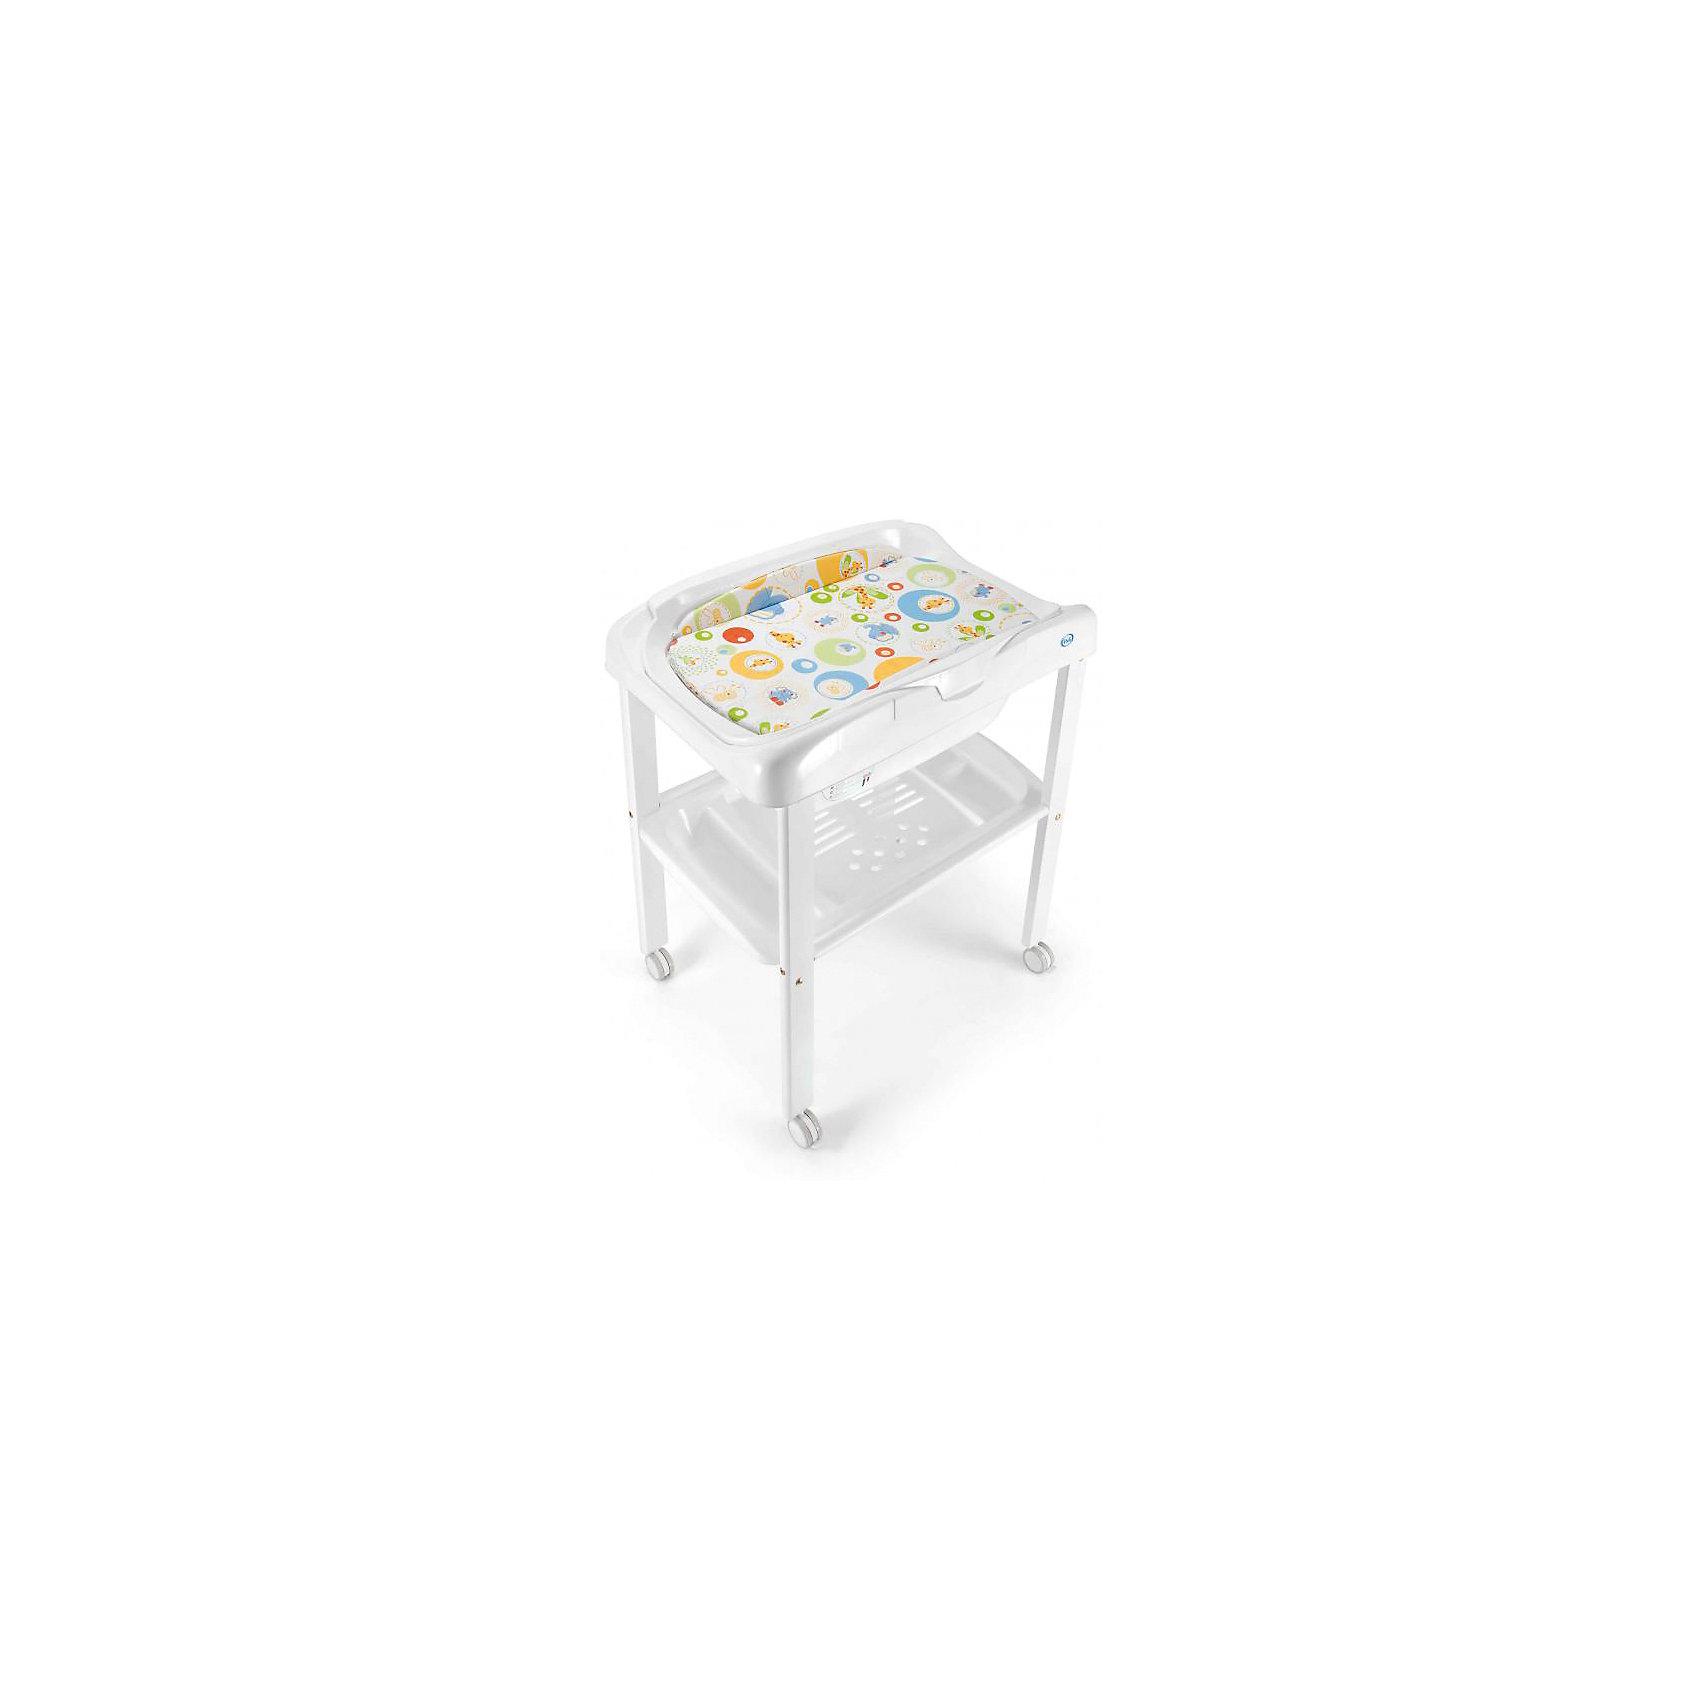 Пеленальный столик Gigi&amp;Lele, Pali, белый/мандаринПеленальный столик от Pali (Пали) (Пали) - идеальный вариант для мам и малышей! Предназначен для купания, пеленания и ухода за ребенком. Столик имеет увеличенную ванну со сливным отверстием и удобным шлангом; мягкий пеленальный матрасик крепится на липучках, легко снимается и моется. Внизу расположена удобная полка для различных детских принадлежностей. Столик изготовлен из высококачественных прочных материалов, легко и быстро складывается, занимает мало места при хранении и транспортировке.  <br><br>Дополнительная информация:<br><br>- Материал: пластик, металл.<br>- Размер столика: 81х51 см.<br>- Высота: 103 см.<br>- Удобная полка для детских принадлежностей.<br>- Сливное отверстие, шланг в ванночке. <br>- Съемный пеленальный матрас на липучках.<br>- Легко складывается. <br><br>Пеленальный стол Gigi&amp;Lele (Джиджи Леле) , Pali (Пали), белый/мандарин, можно купить в нашем магазине.<br><br>Ширина мм: 870<br>Глубина мм: 540<br>Высота мм: 750<br>Вес г: 11000<br>Возраст от месяцев: 0<br>Возраст до месяцев: 12<br>Пол: Унисекс<br>Возраст: Детский<br>SKU: 4443709